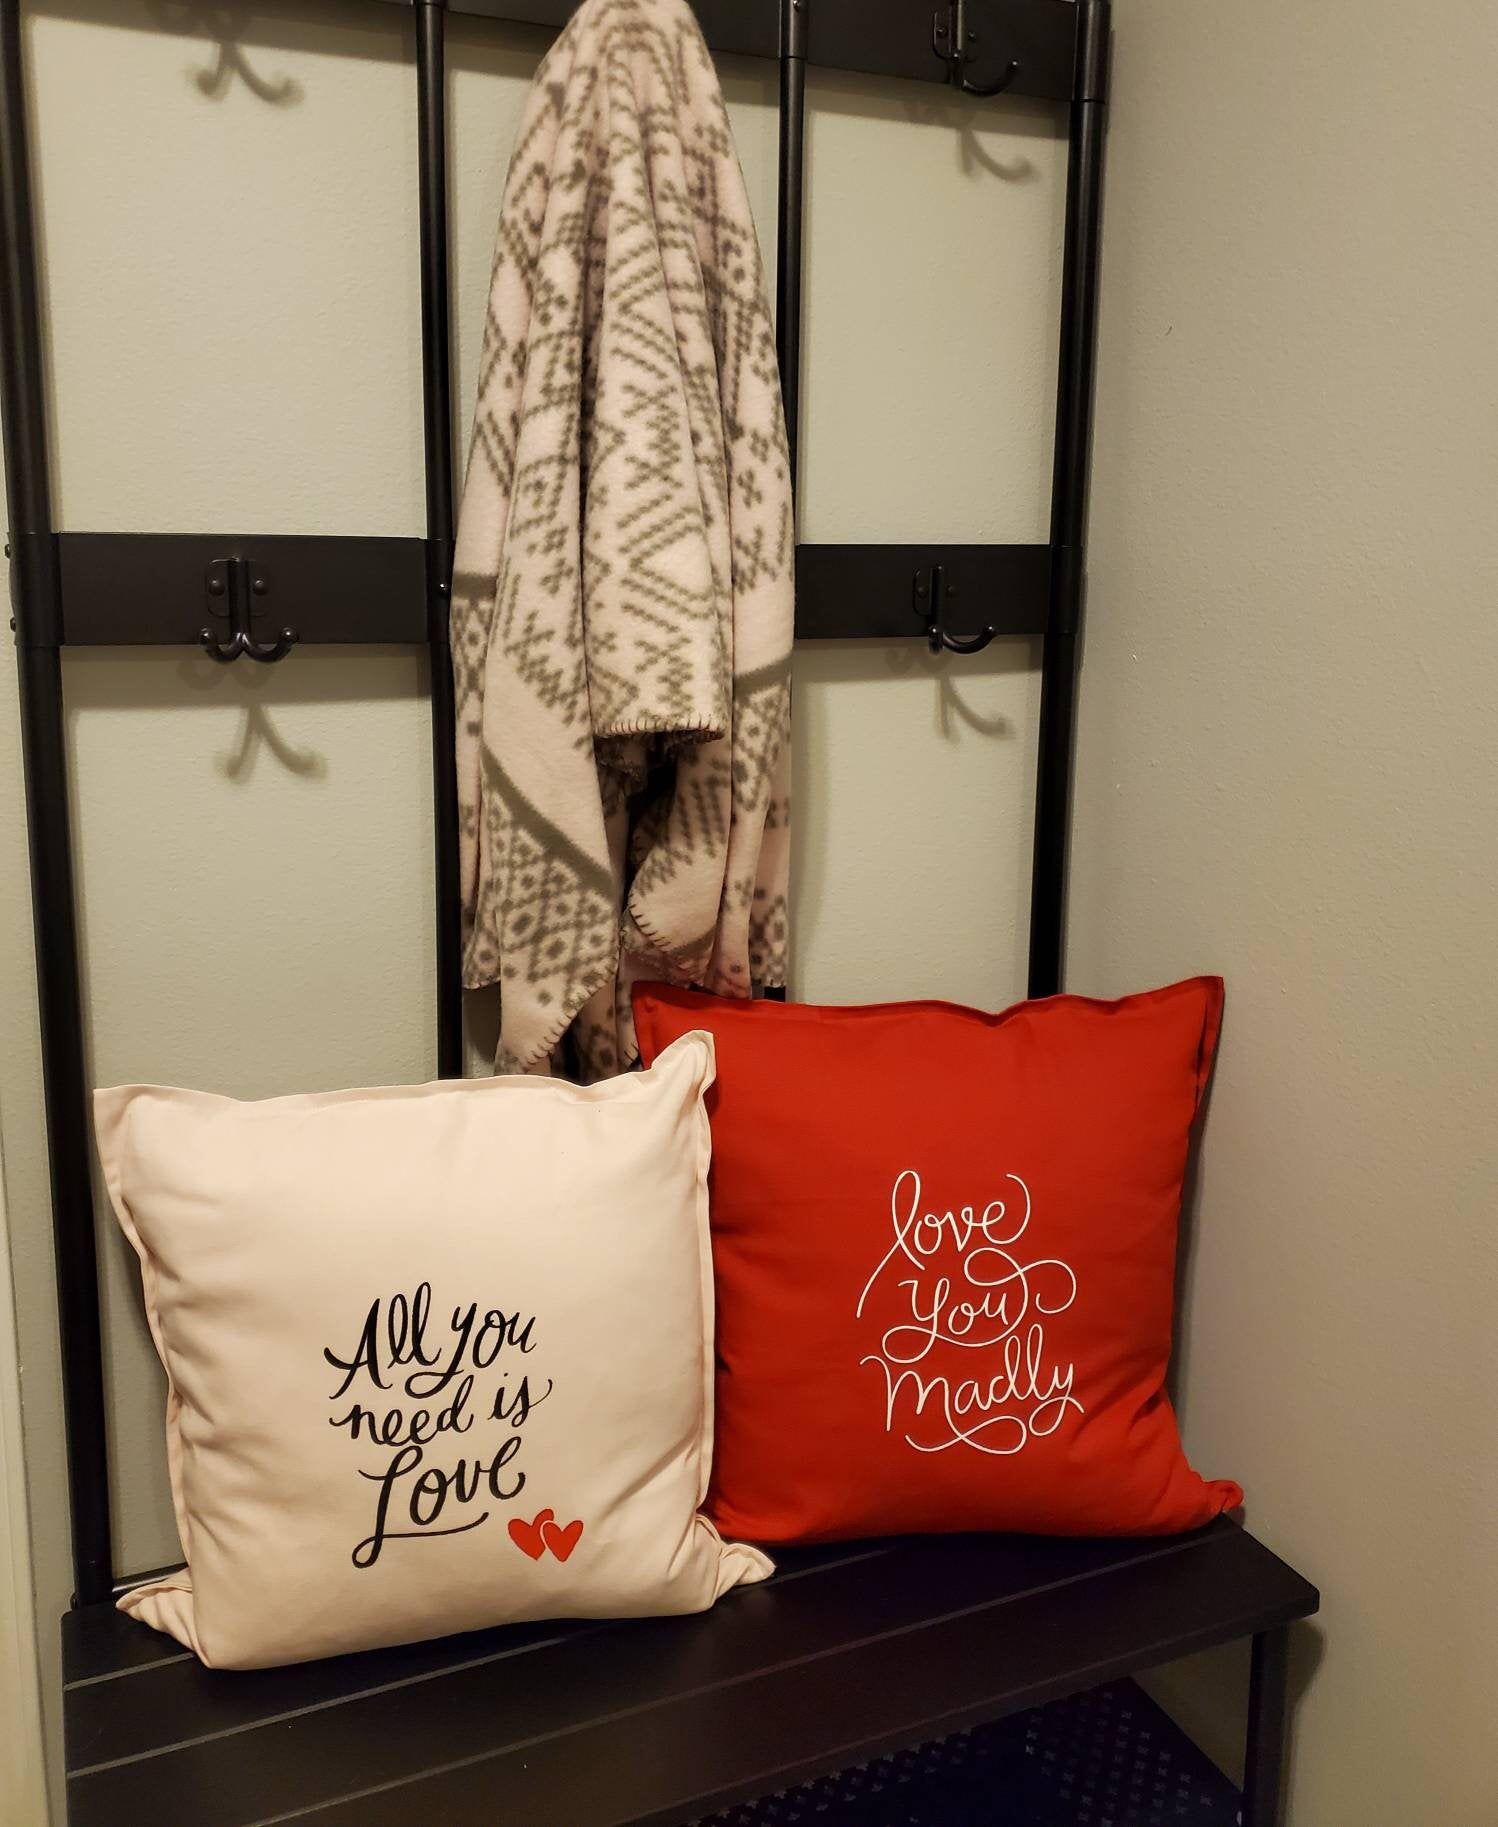 Love Pillow Set Etsy In 2020 Pillow Set Pillows Design